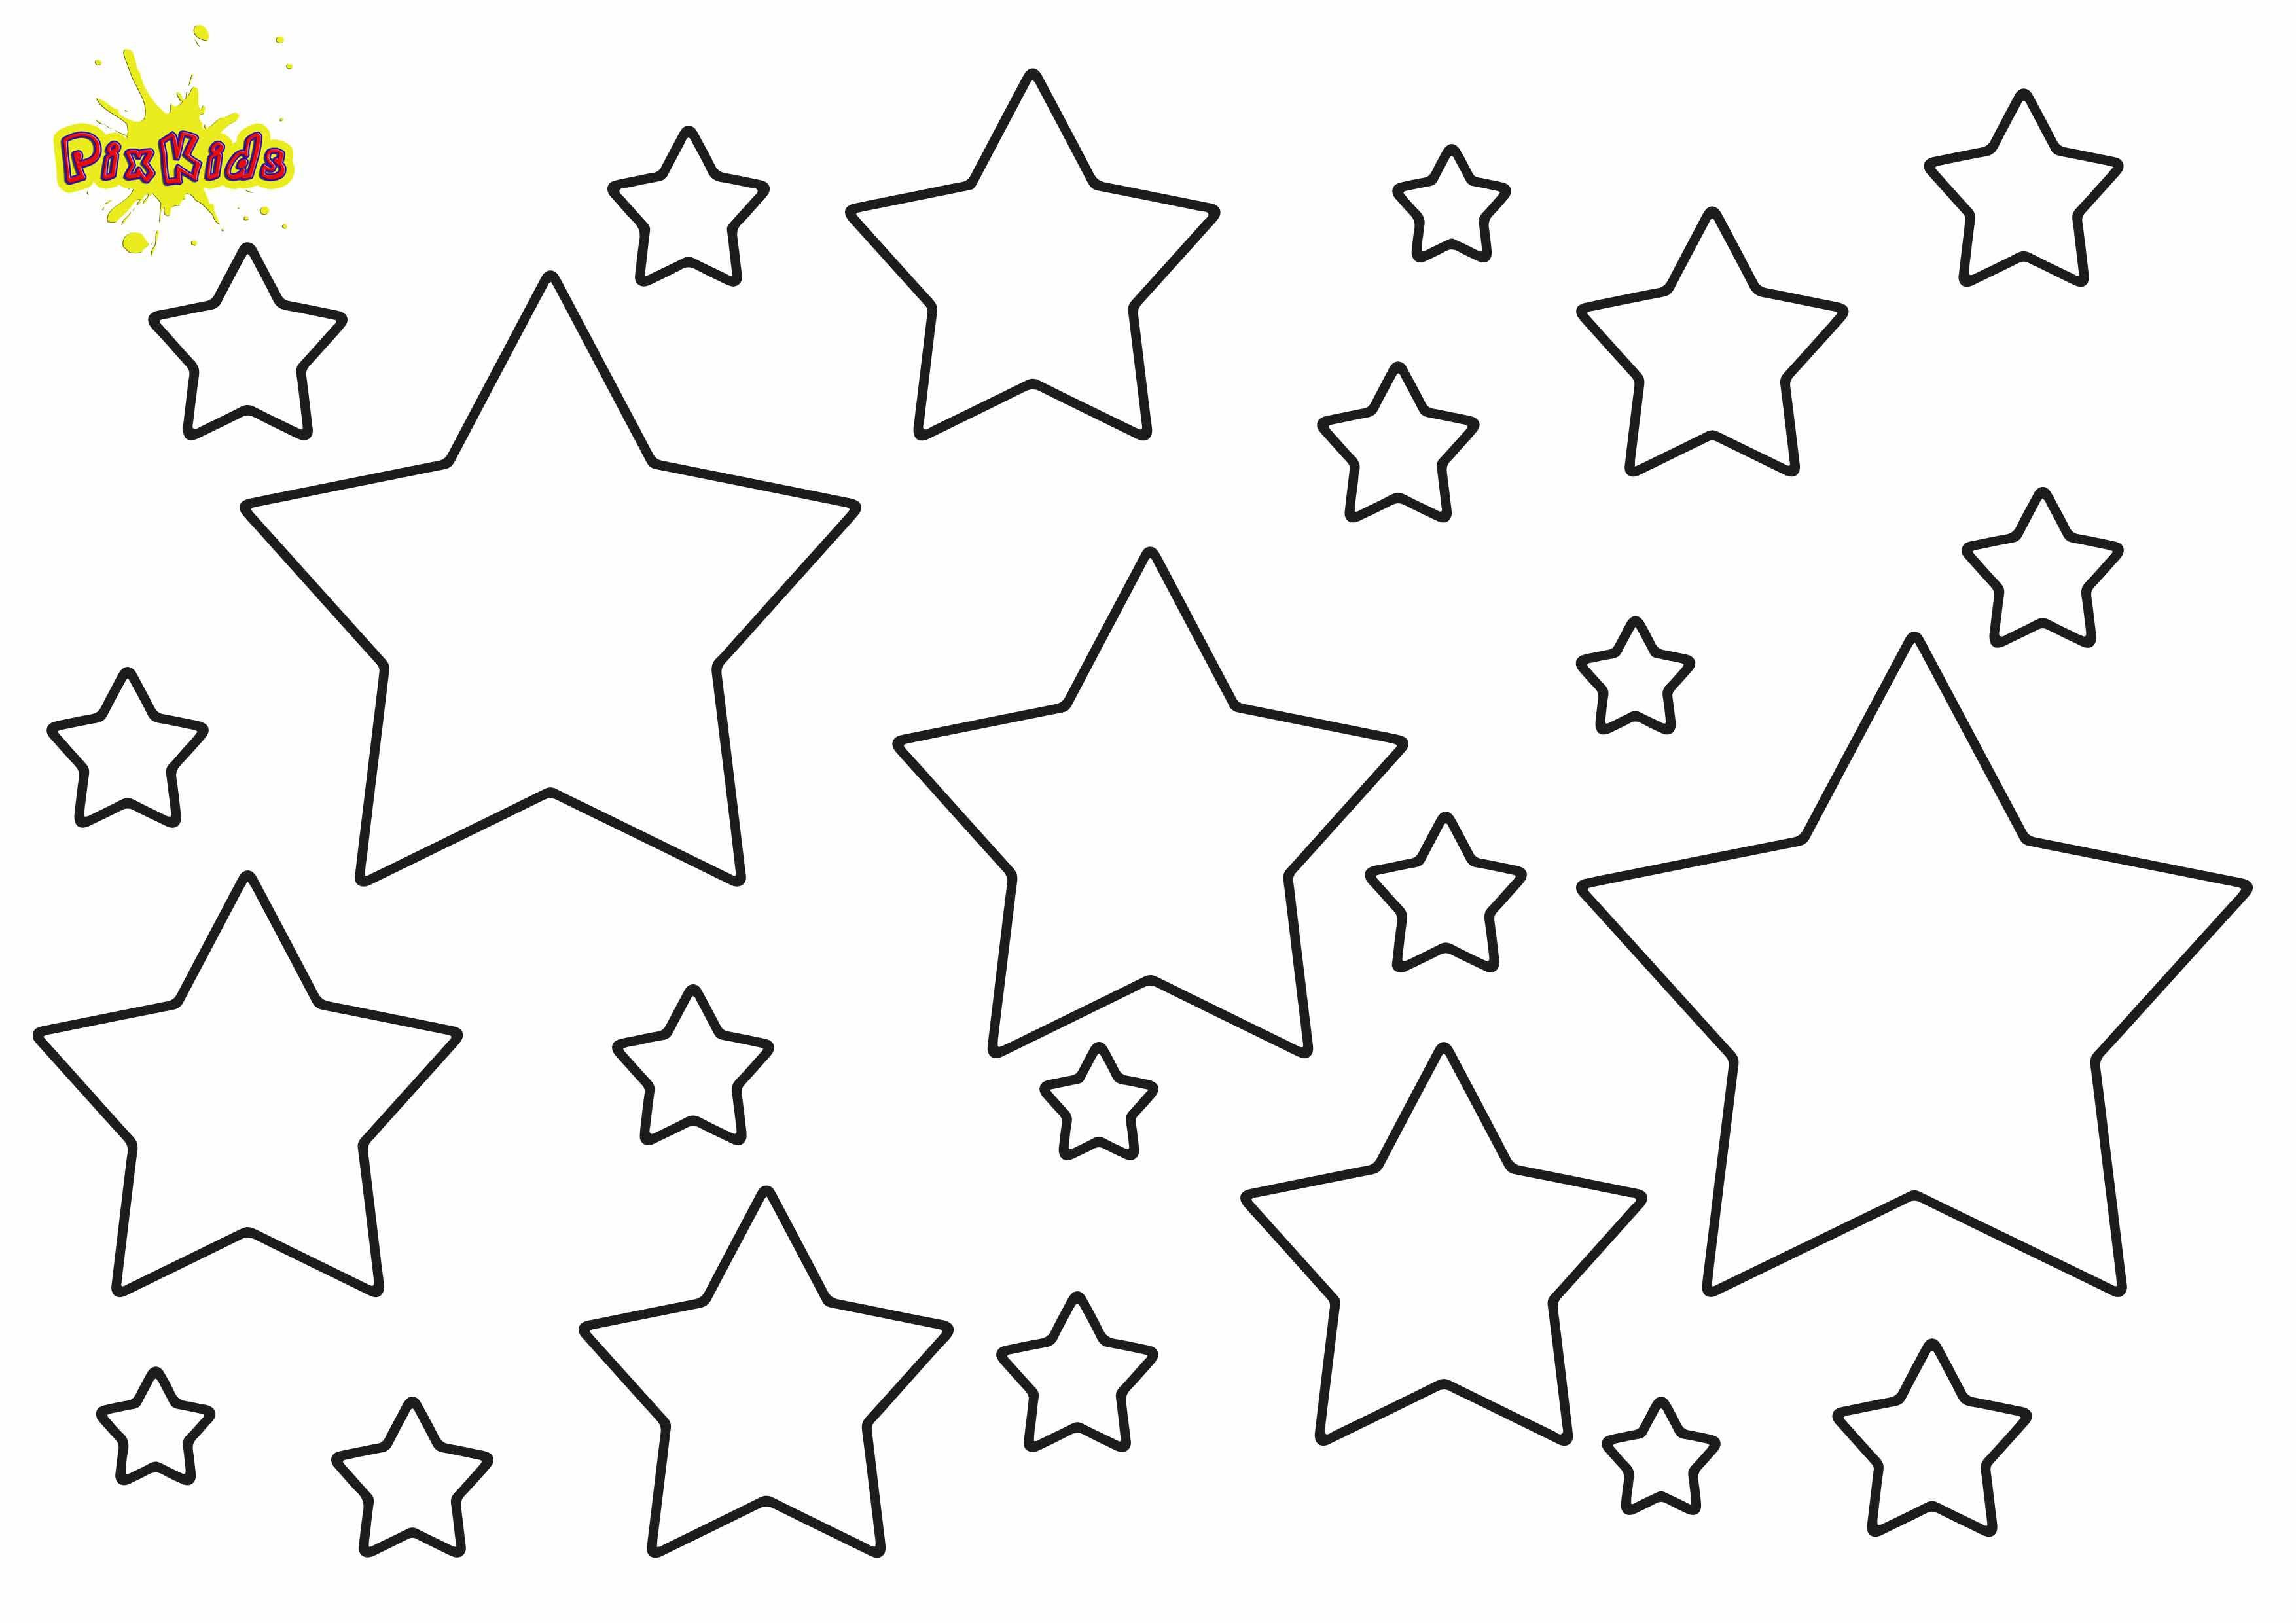 Stern Weihnachten Malvorlage Das Beste Von 40 Ninjago Malvorlagen Scoredatscore Genial Malvorlagen Weihnachten Galerie